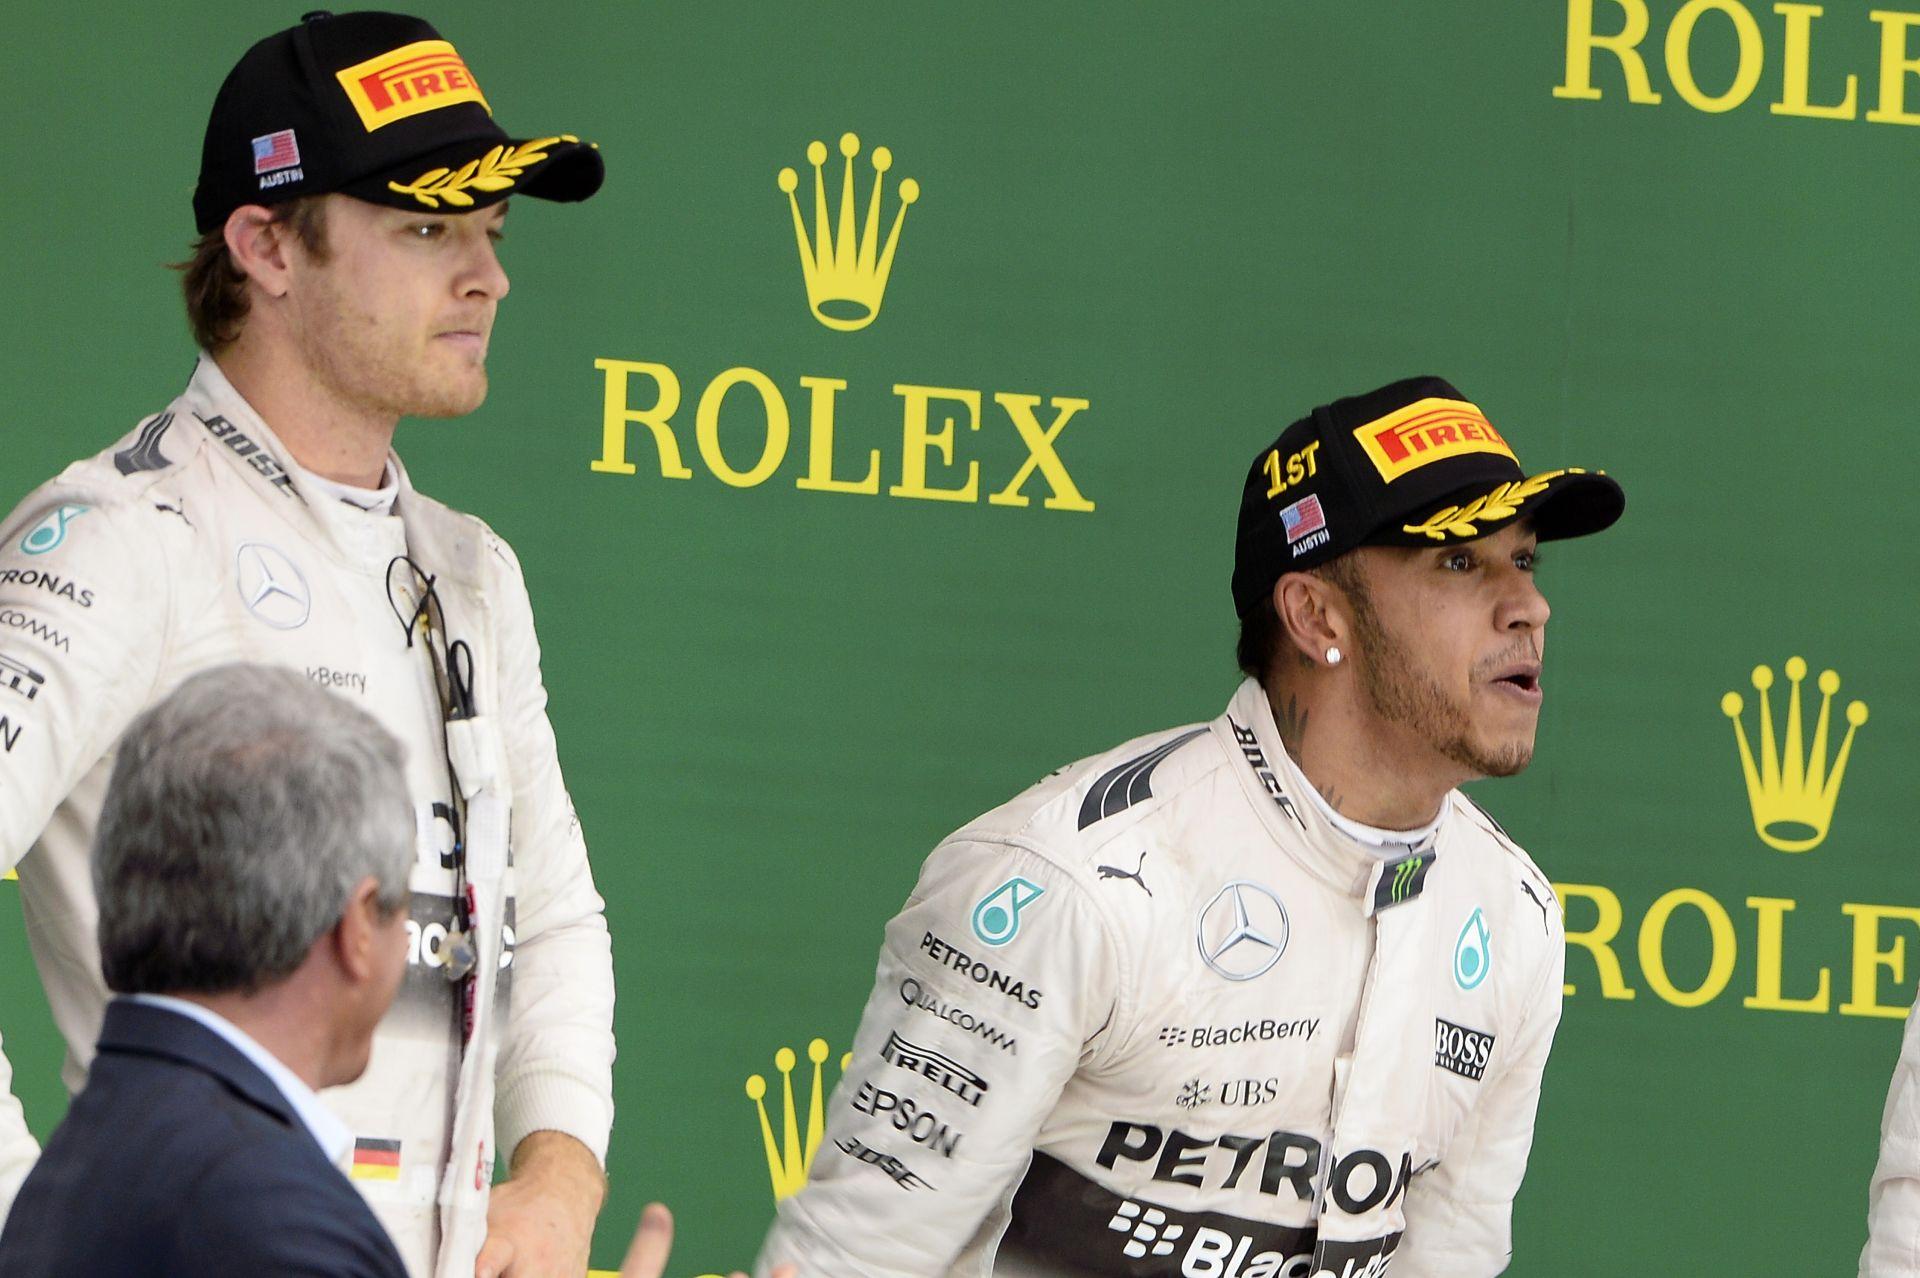 Hamilton túltolta az elmúlt heteket: egy fotózásra is ittas állapotban érkezett